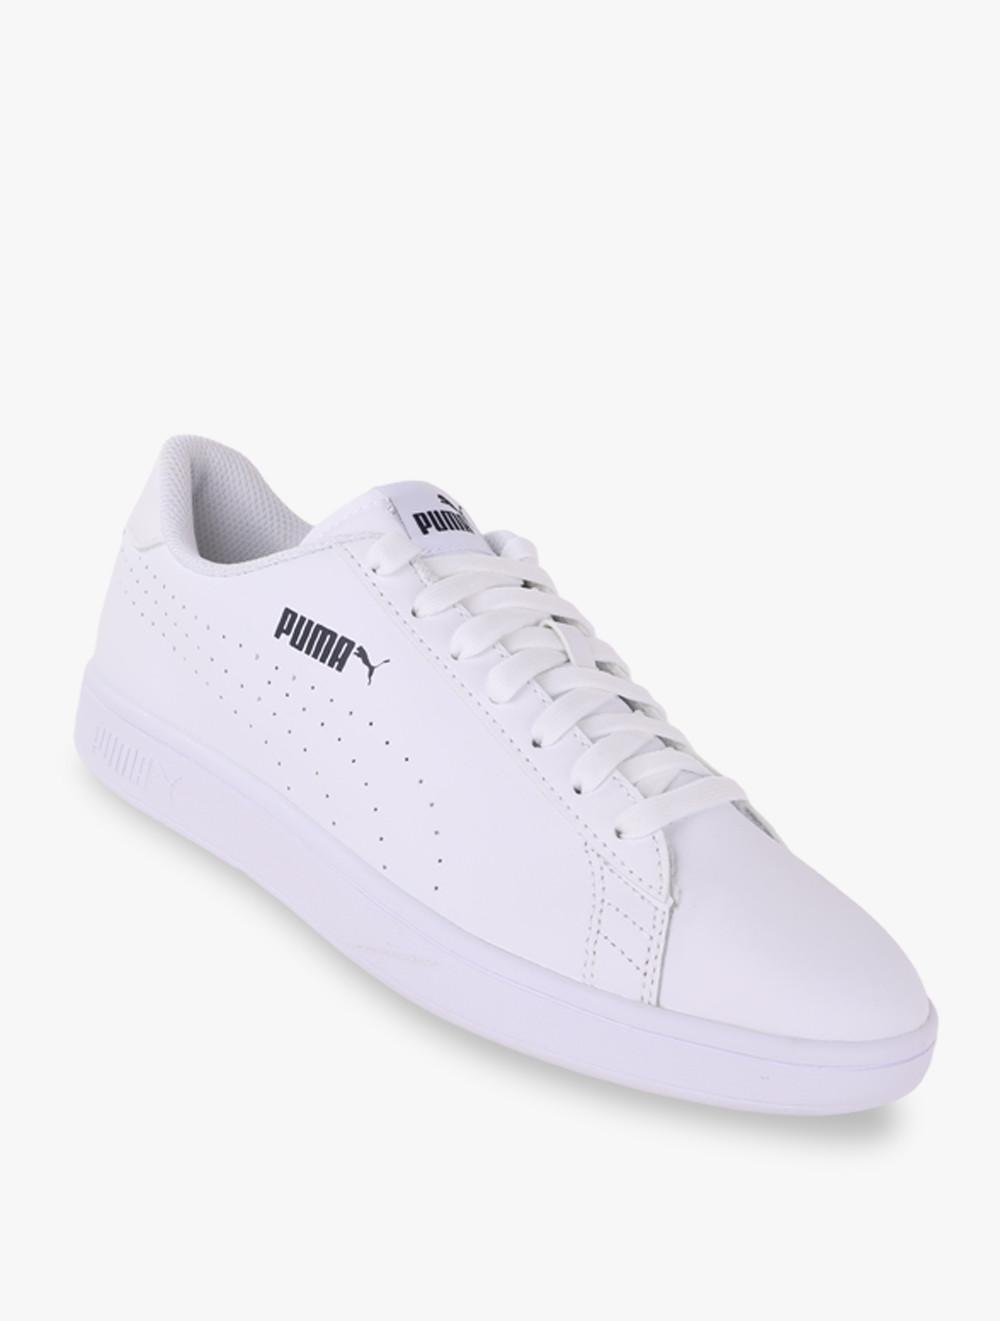 Puma Smash V2 L Perf - Sepatu Pria - Putih 2e5652112a